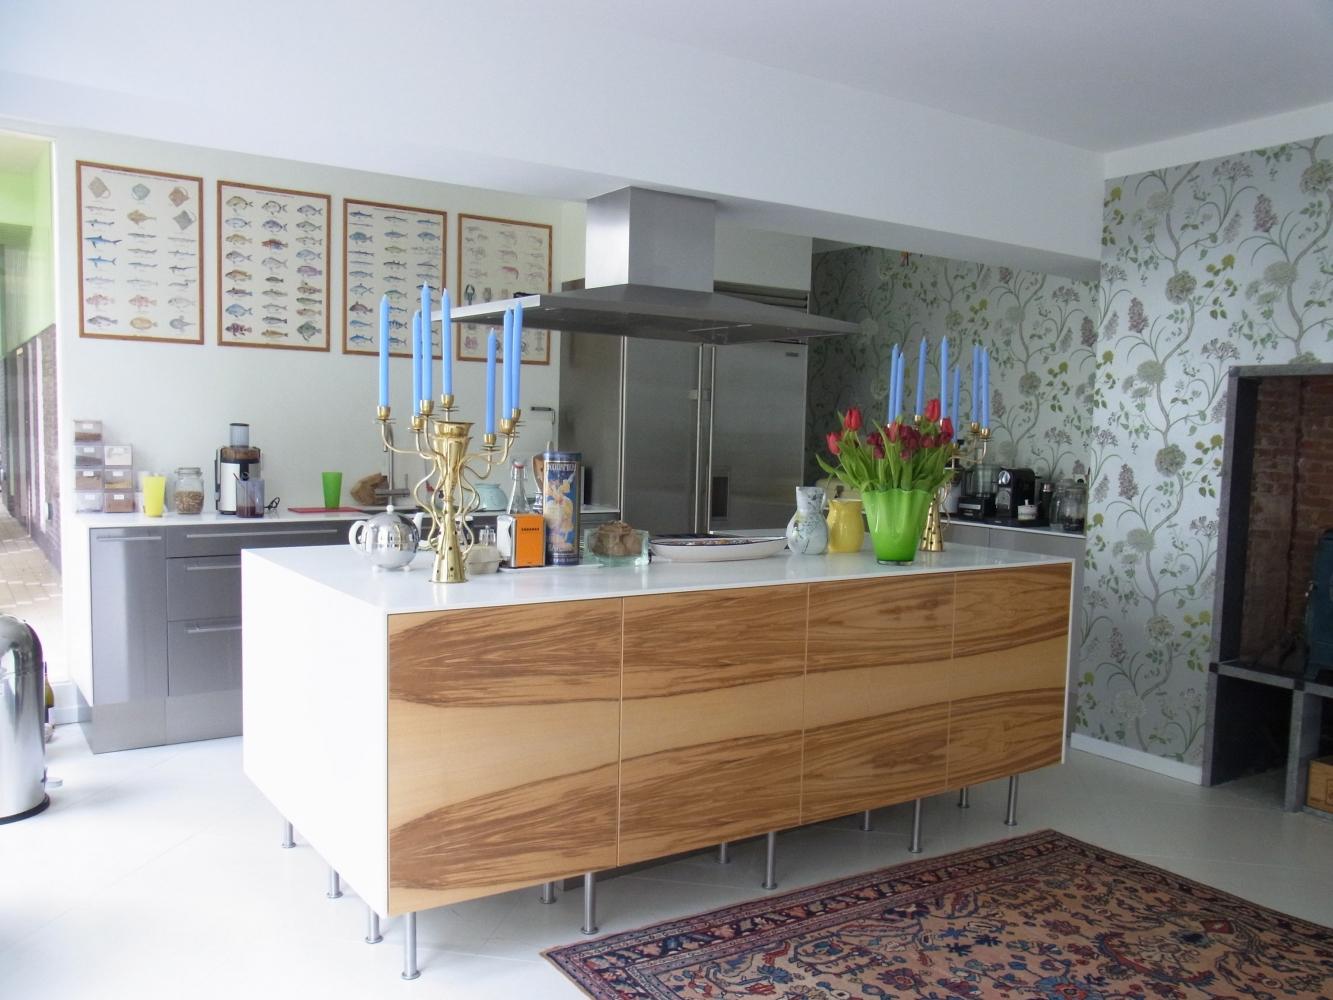 Van steef keukens